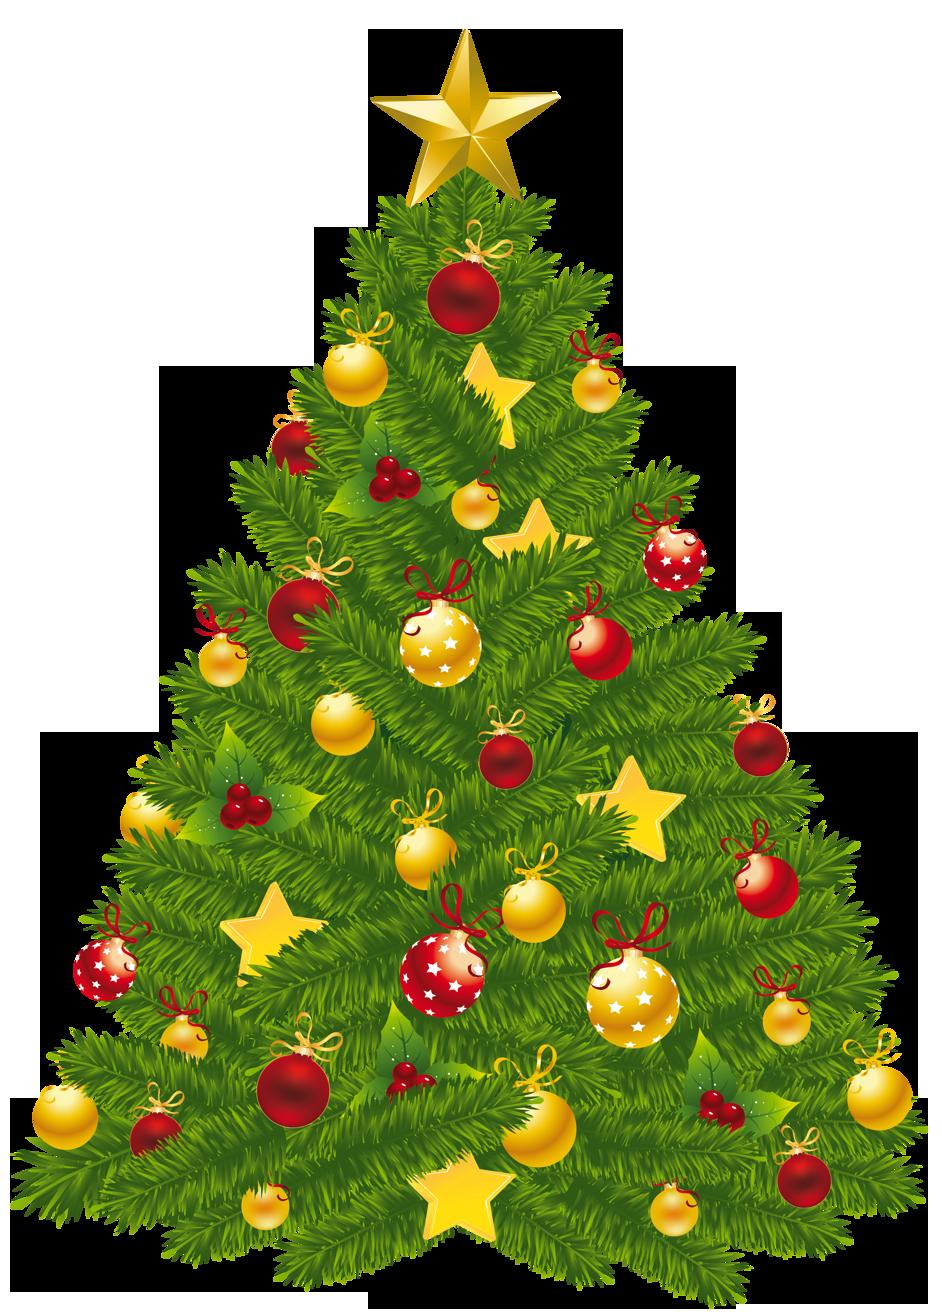 Картинки елки новогодней детские